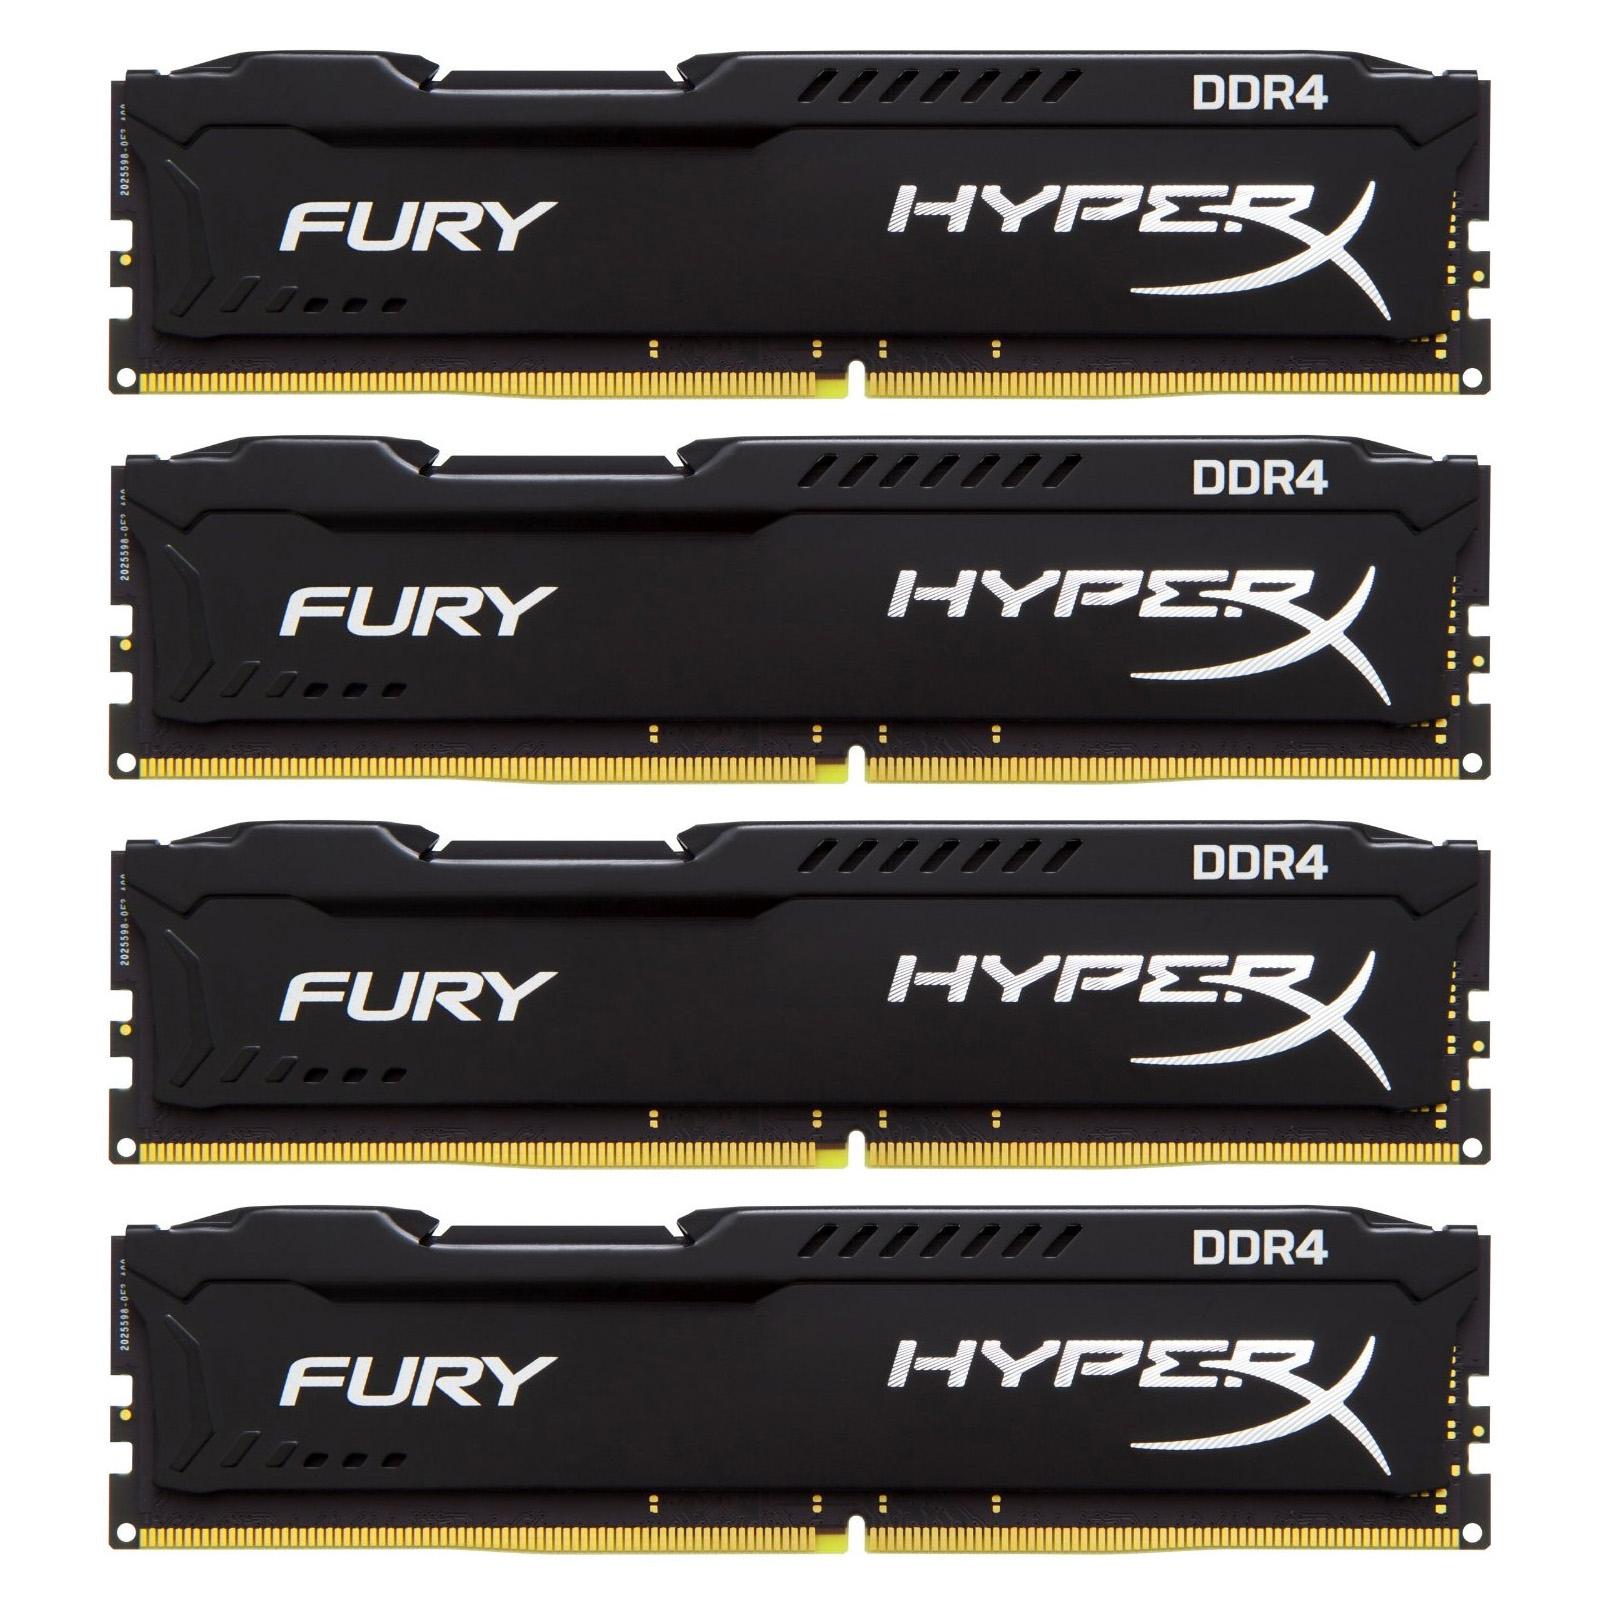 Модуль памяти для компьютера DDR4 32GB (4x8GB) 2400 MHz HyperX FURY Black Kingston (HX424C15FB2K4/32)